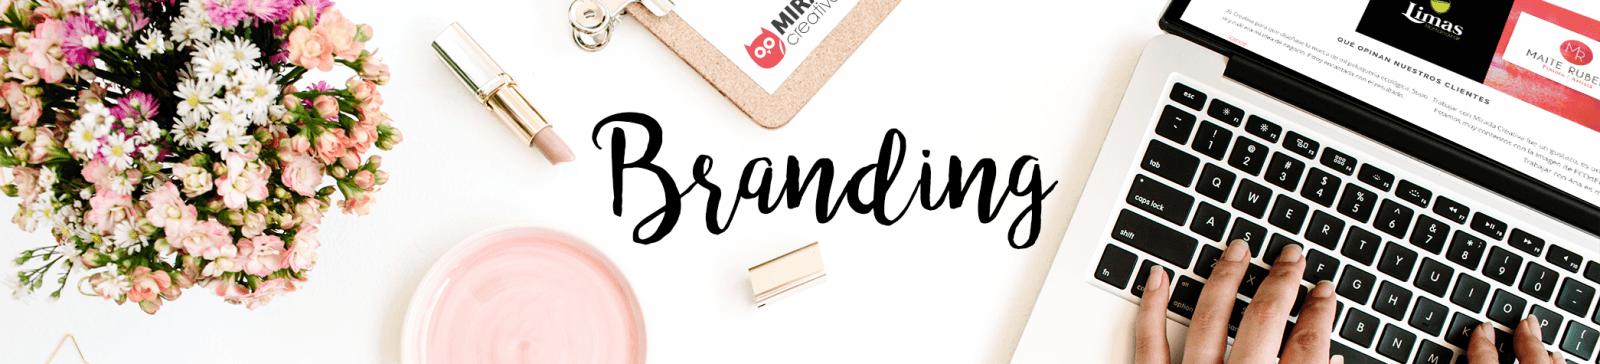 Imagen de marca, branding